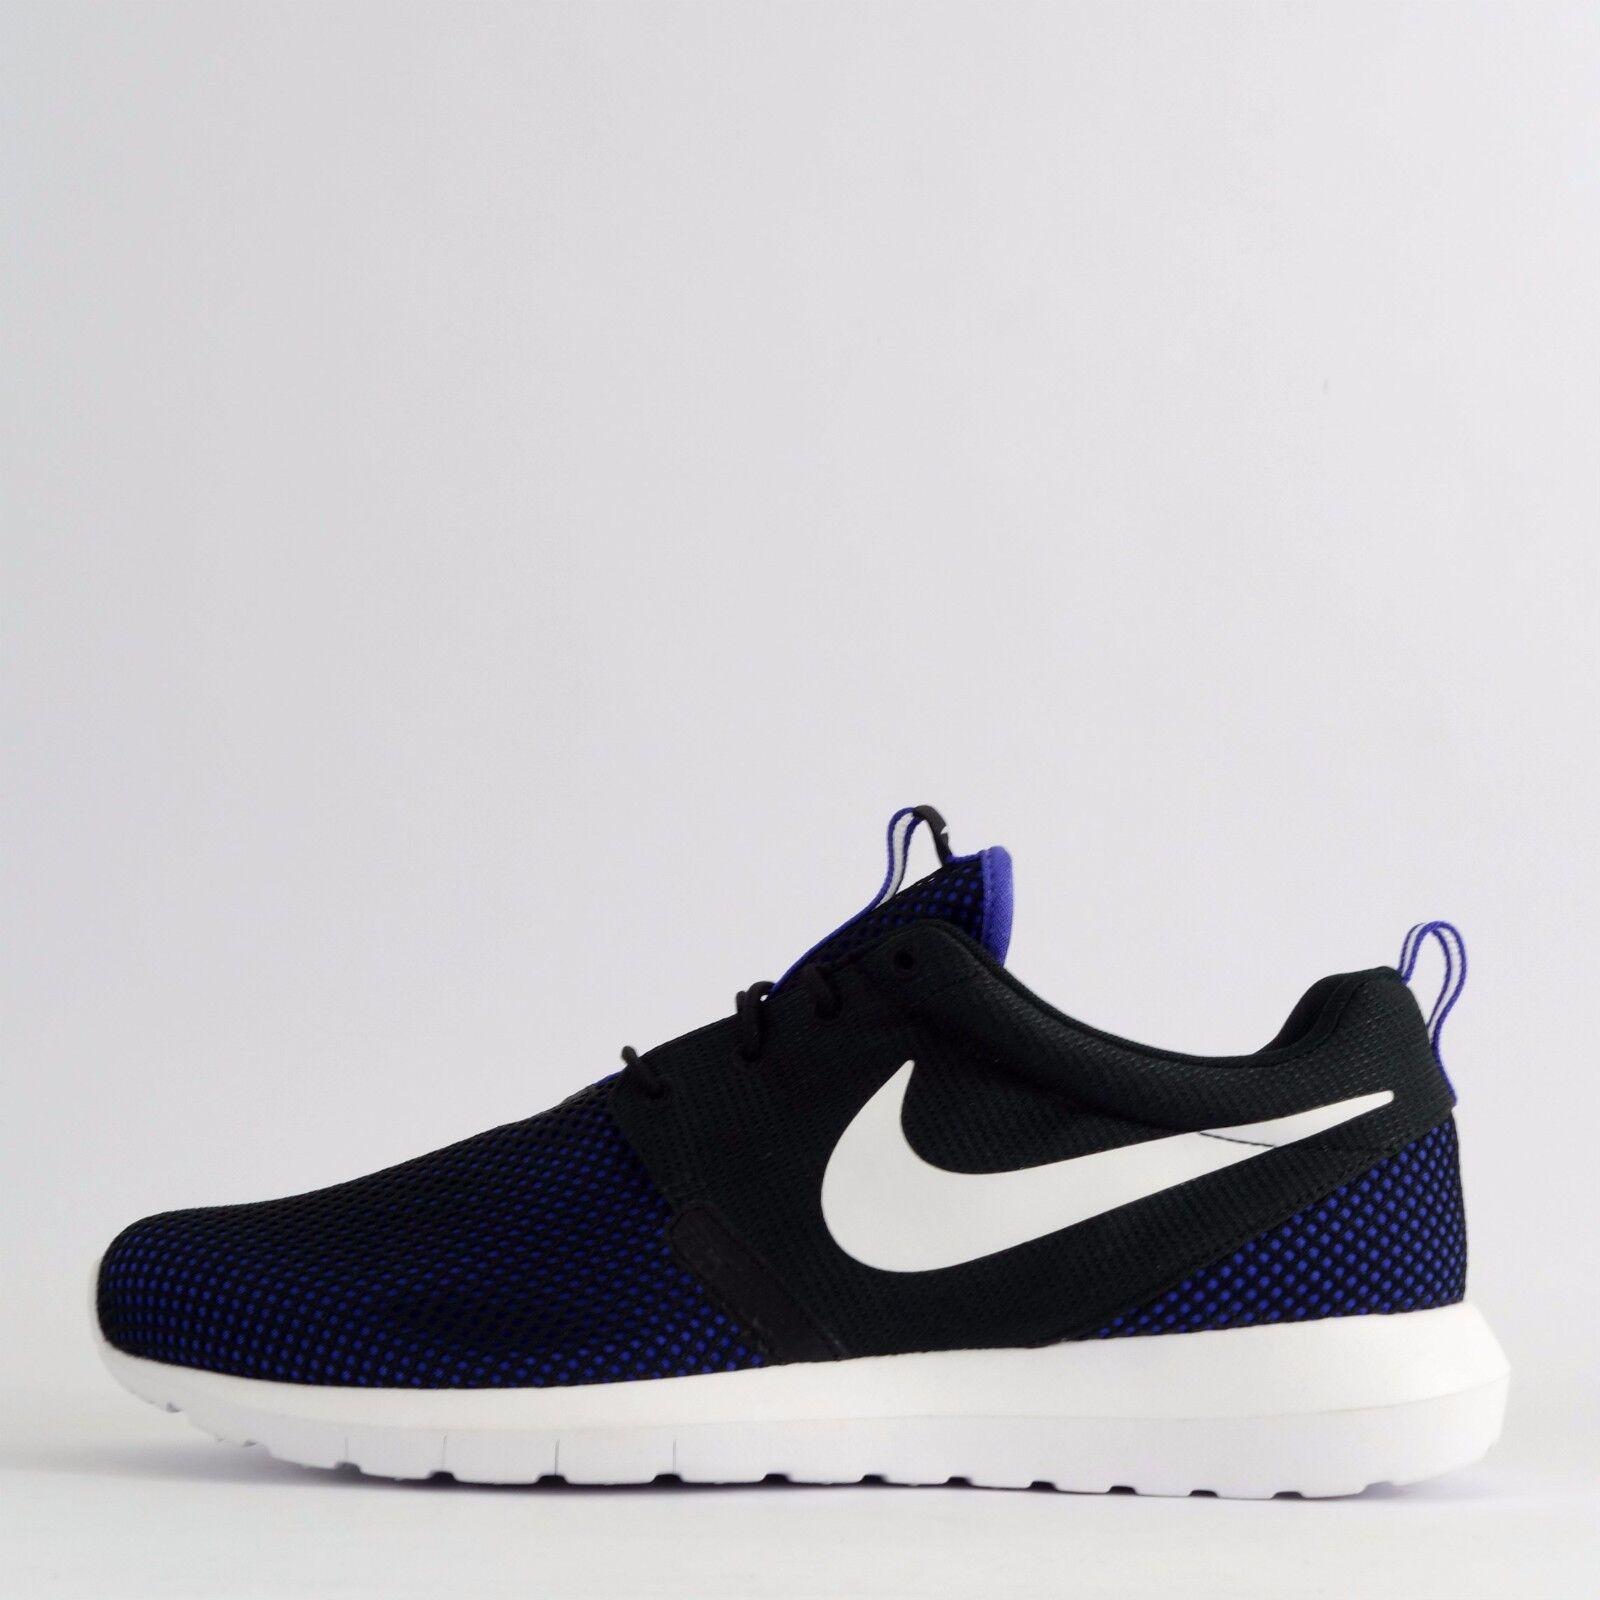 Nike Roshe Run NM Br Natürlich Bewegung Atmen Herren Freizeit Turnschuhe